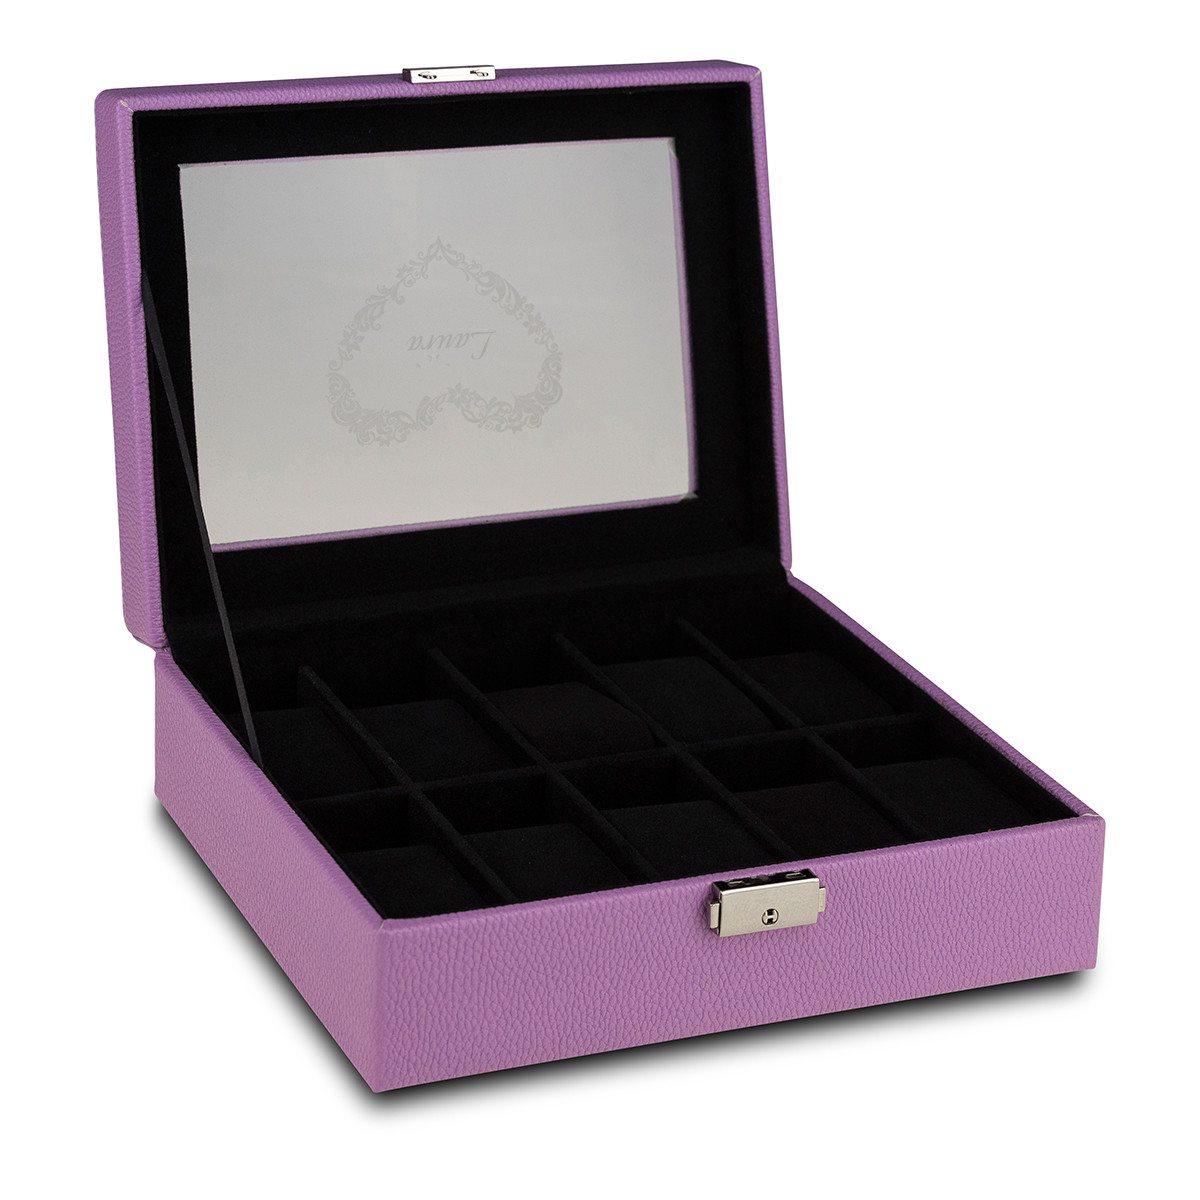 Boîte à montres personnalisée